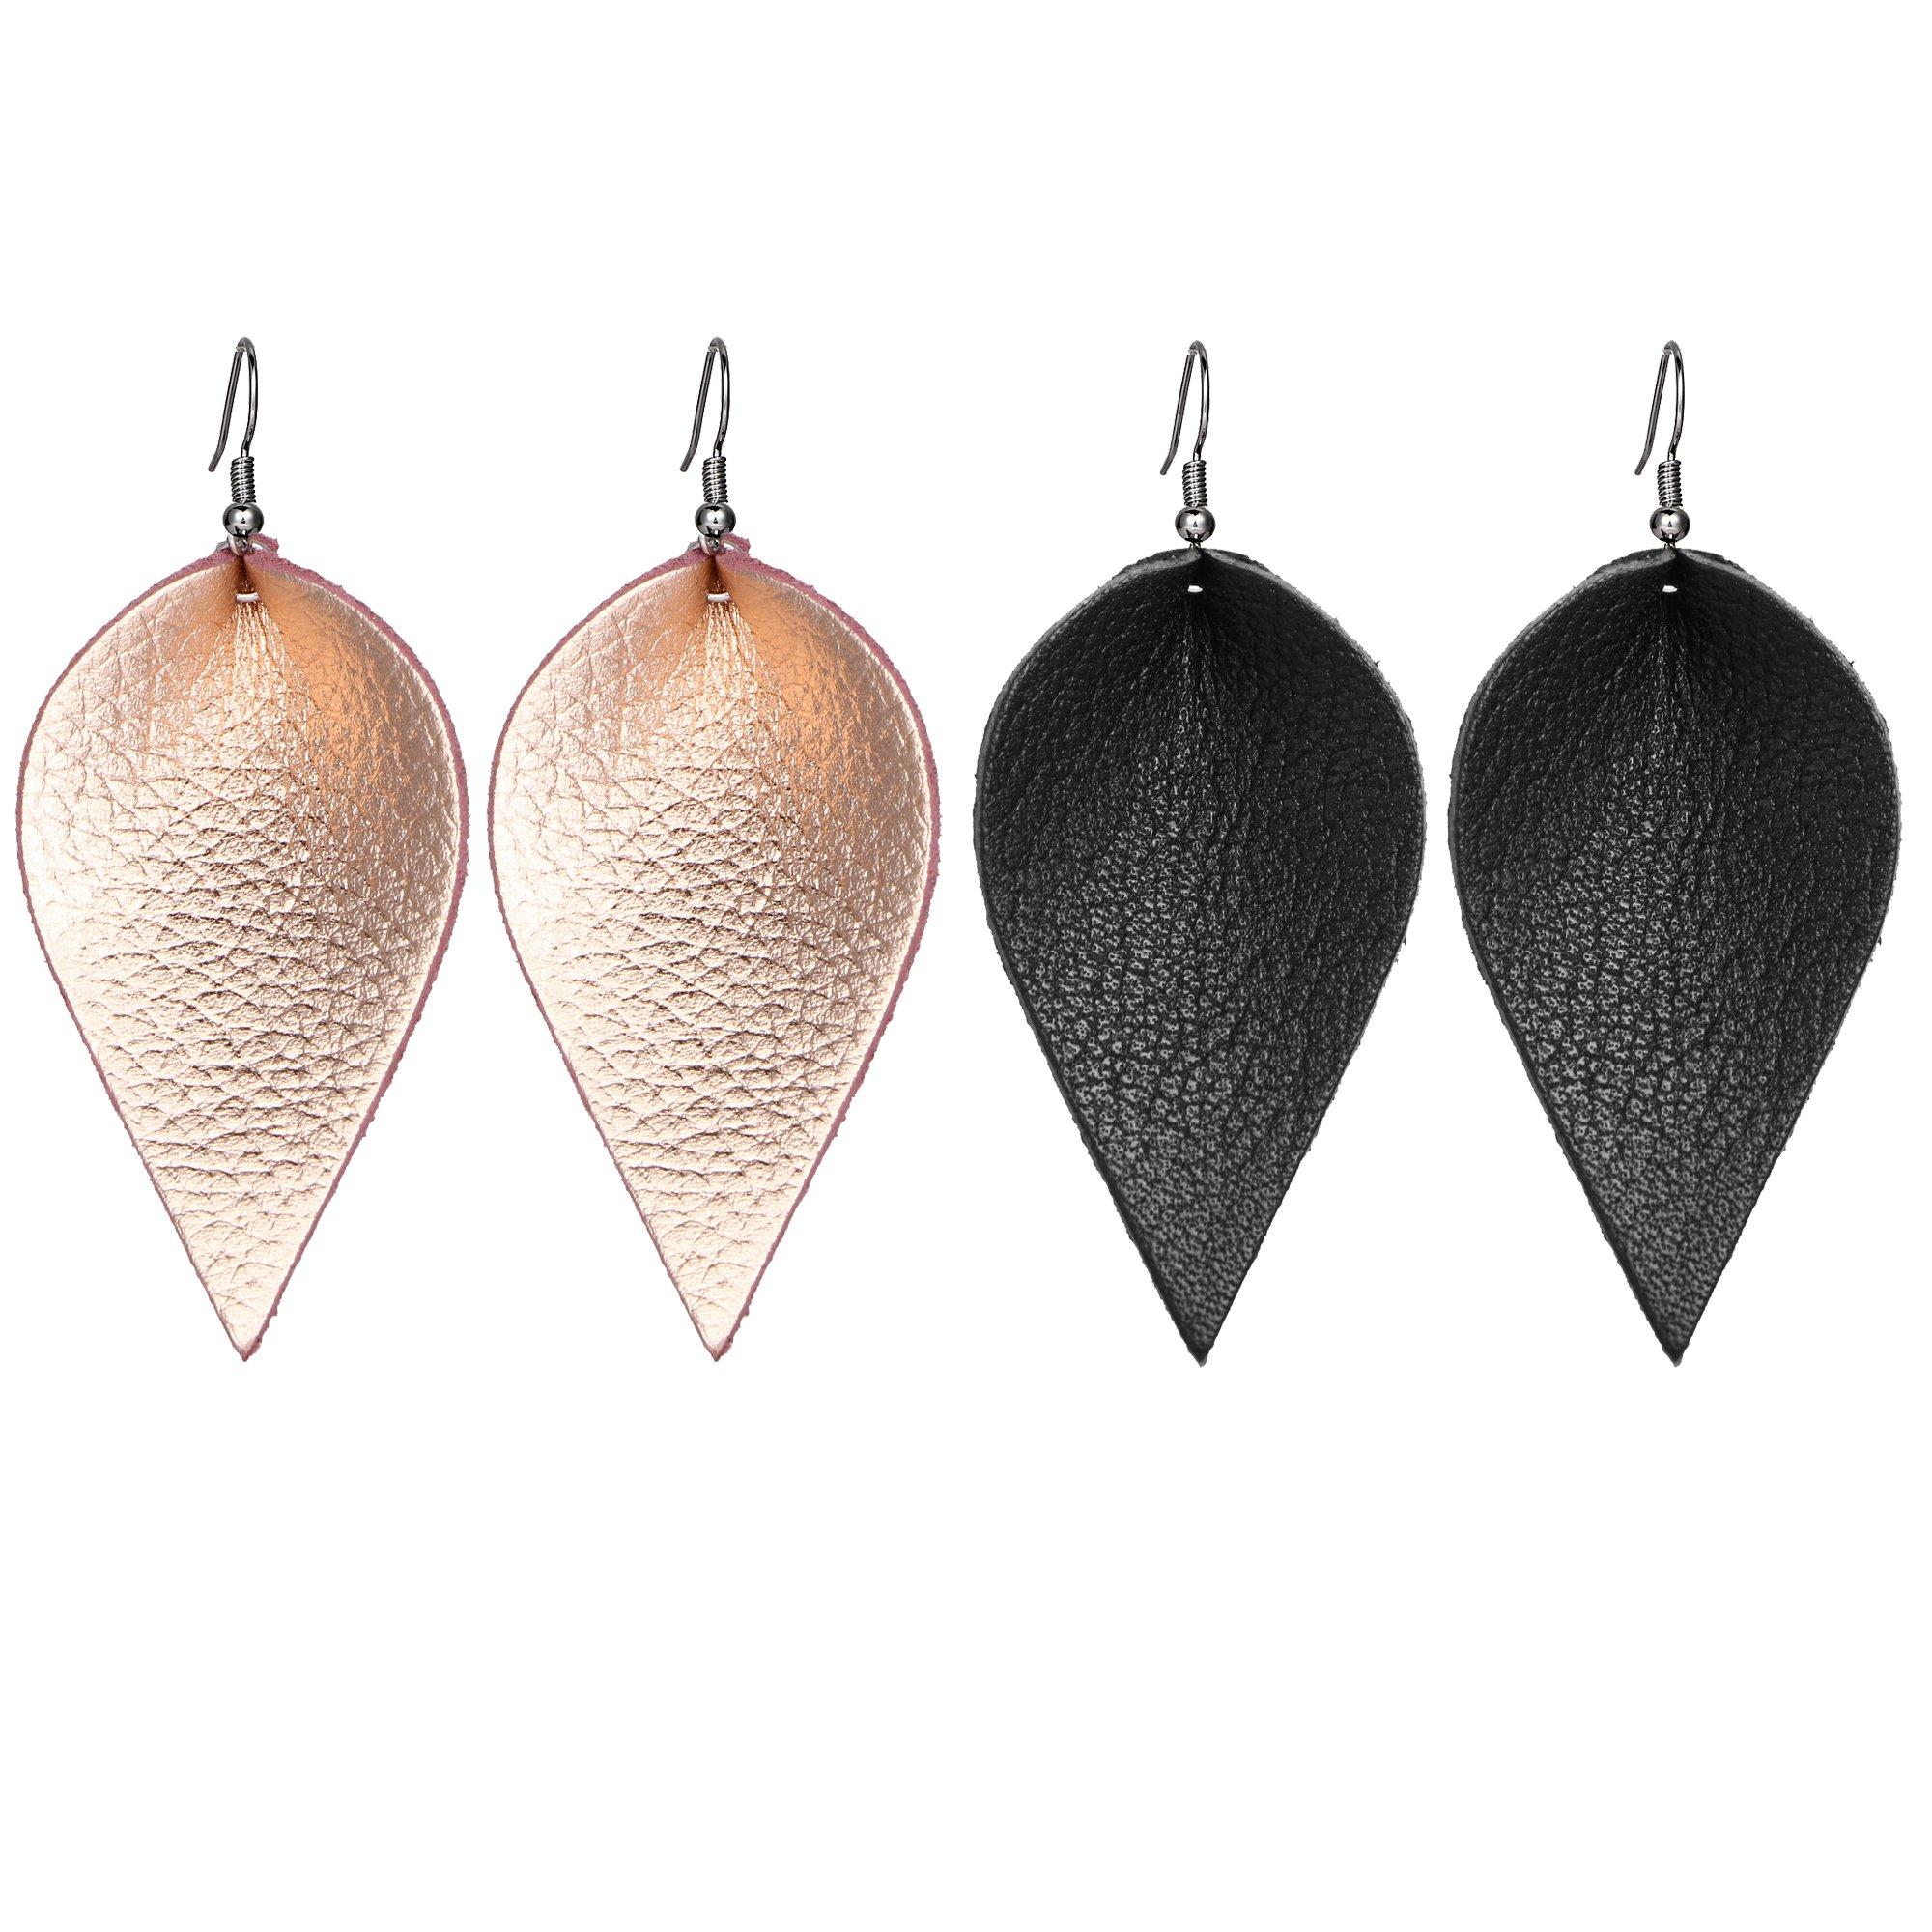 Genuine Leather Leaf Clover Earrings Hollow Teardrop Petal 4 Leaves Shaped Drop Bohemian Earrings For Women